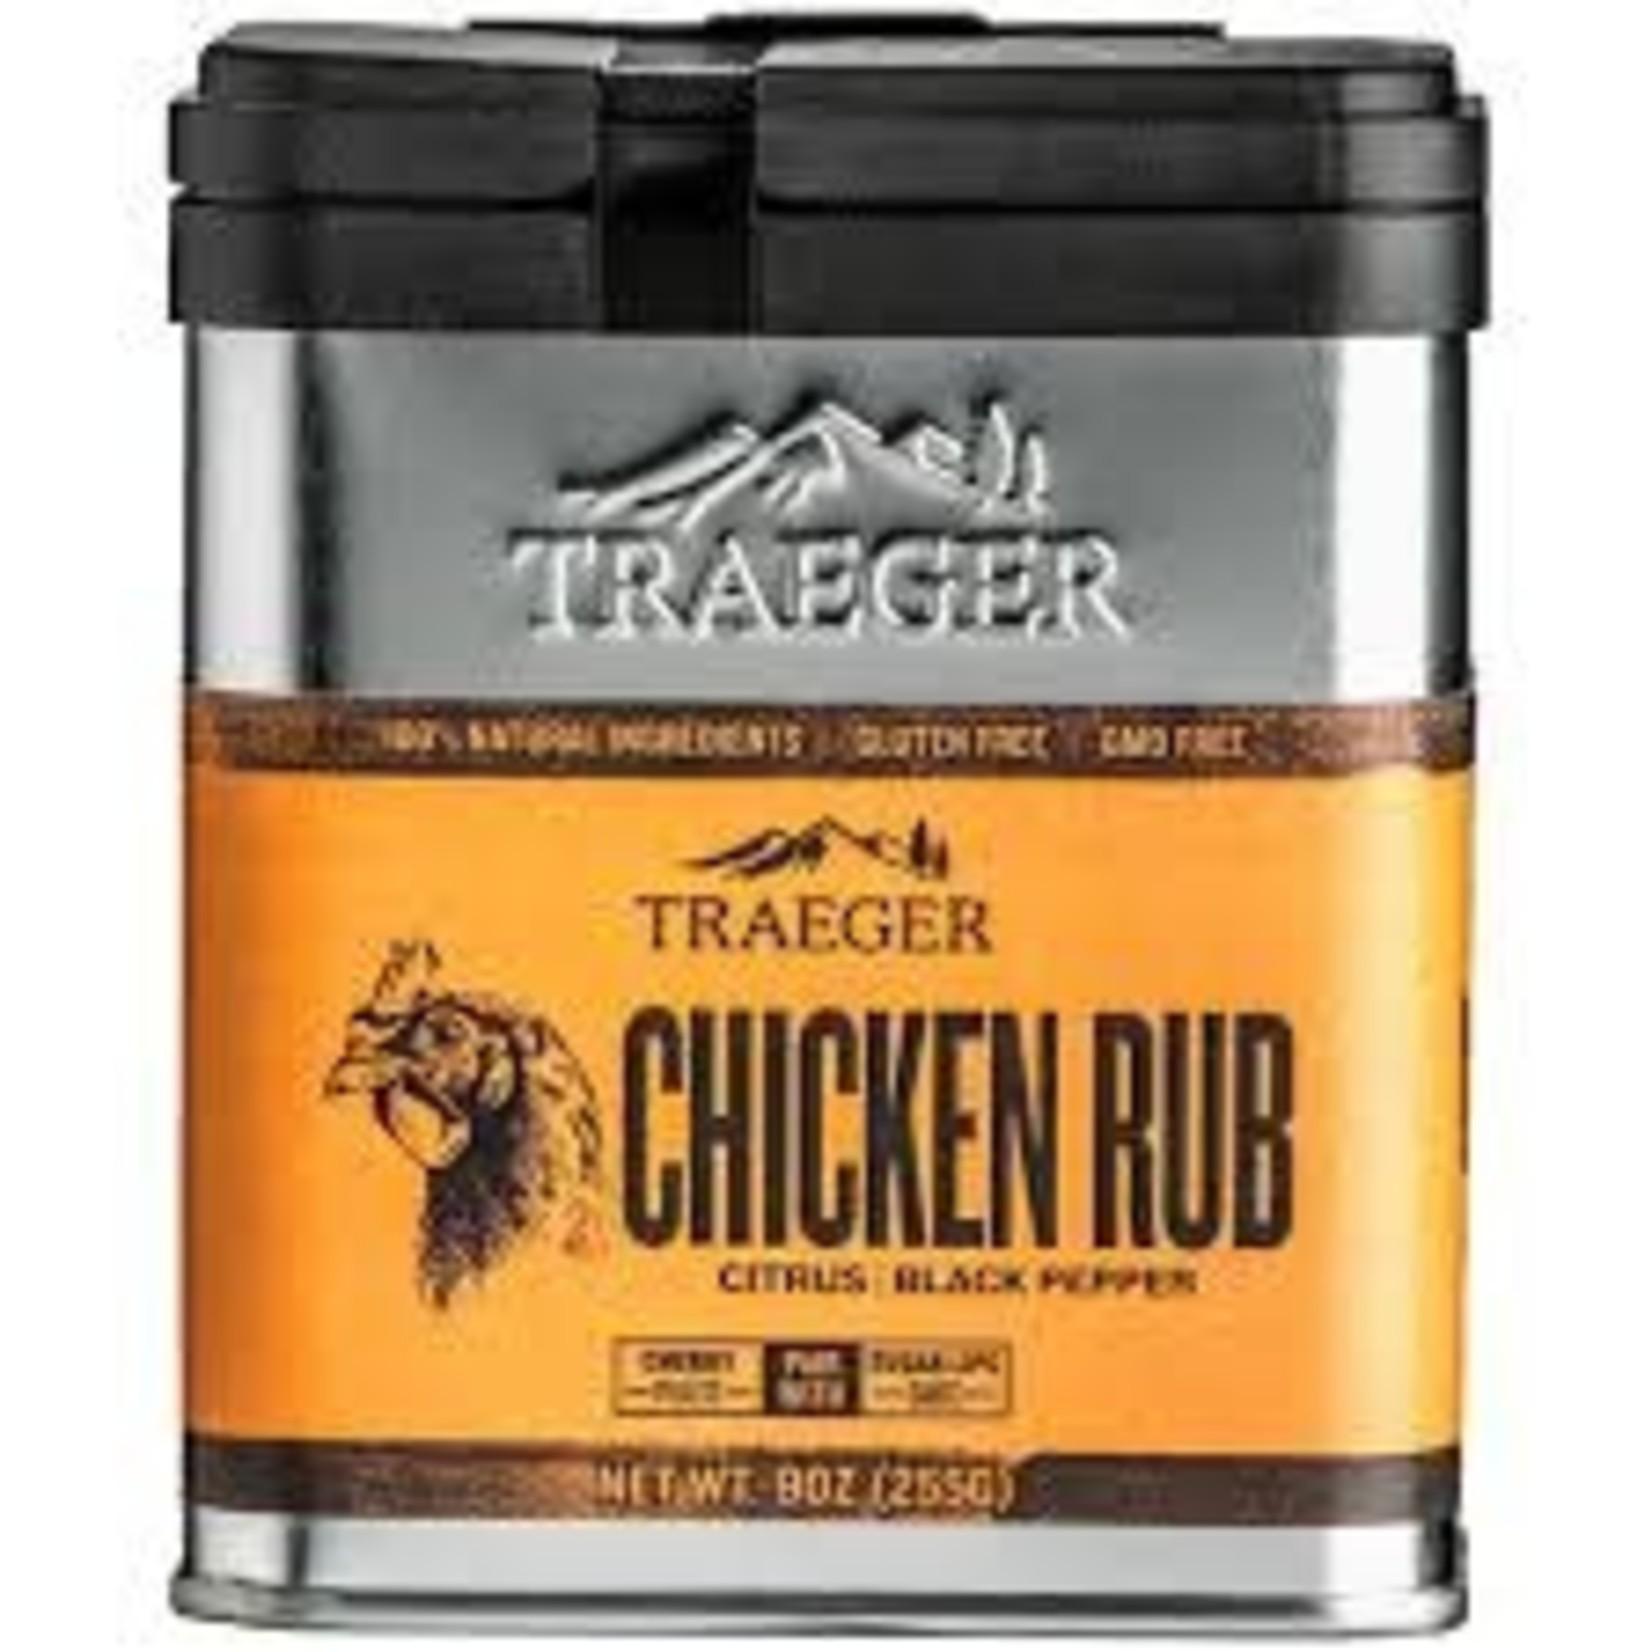 Traeger Traeger Chicken Rub